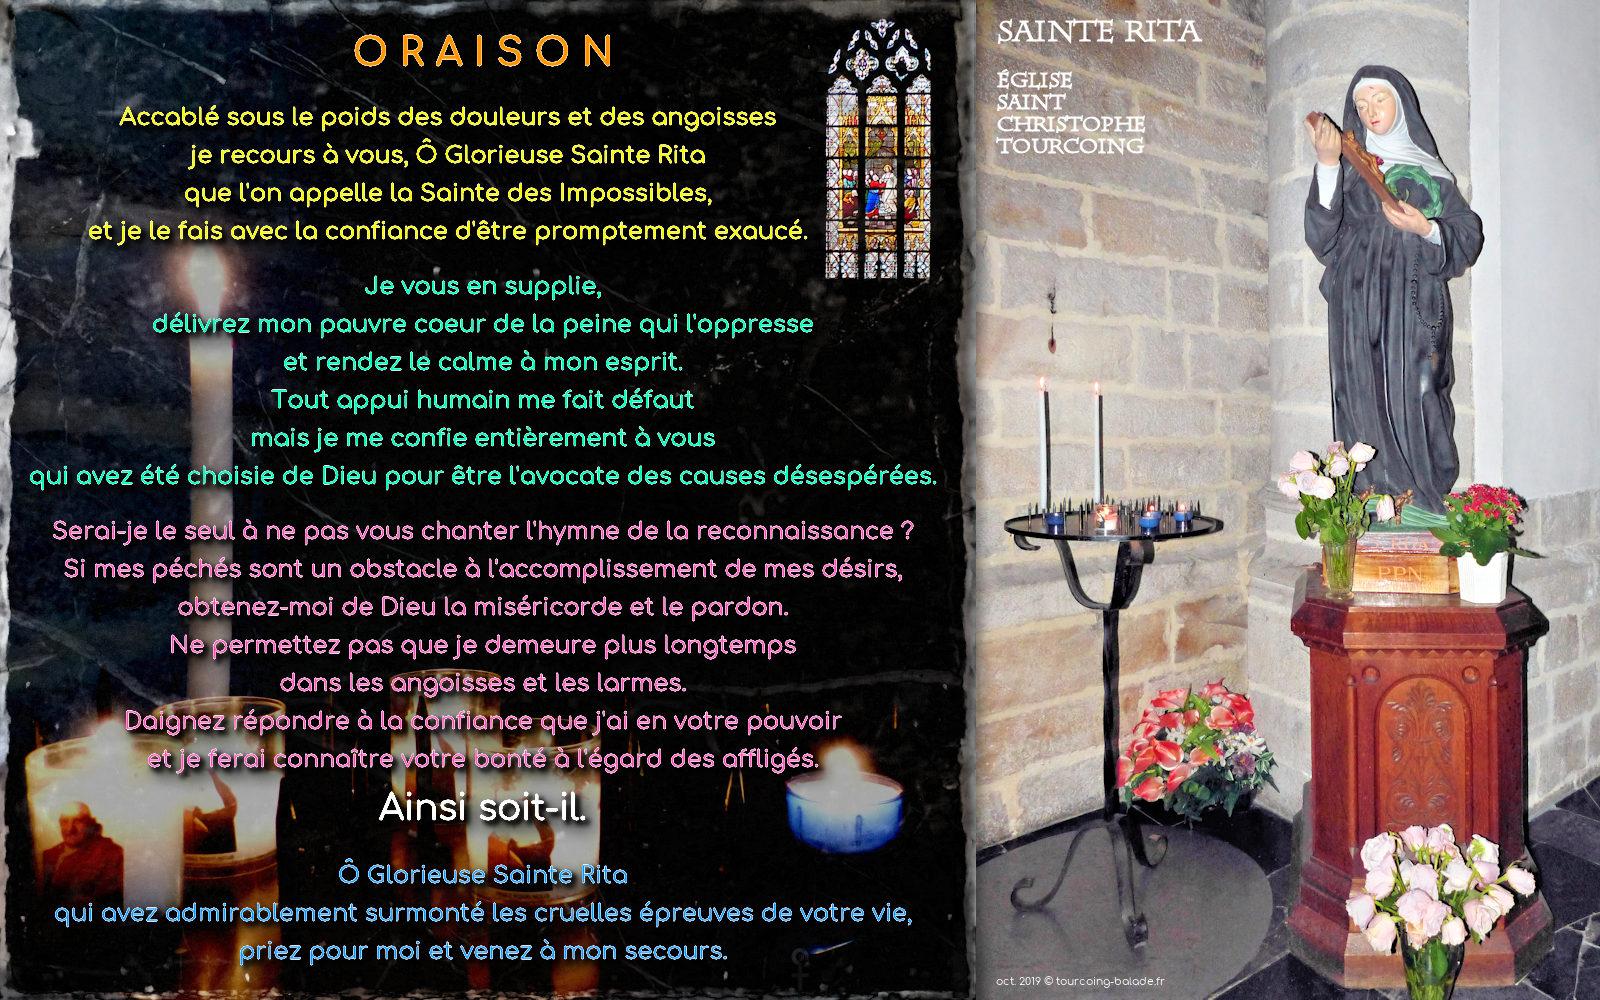 Oraison Sainte Rita